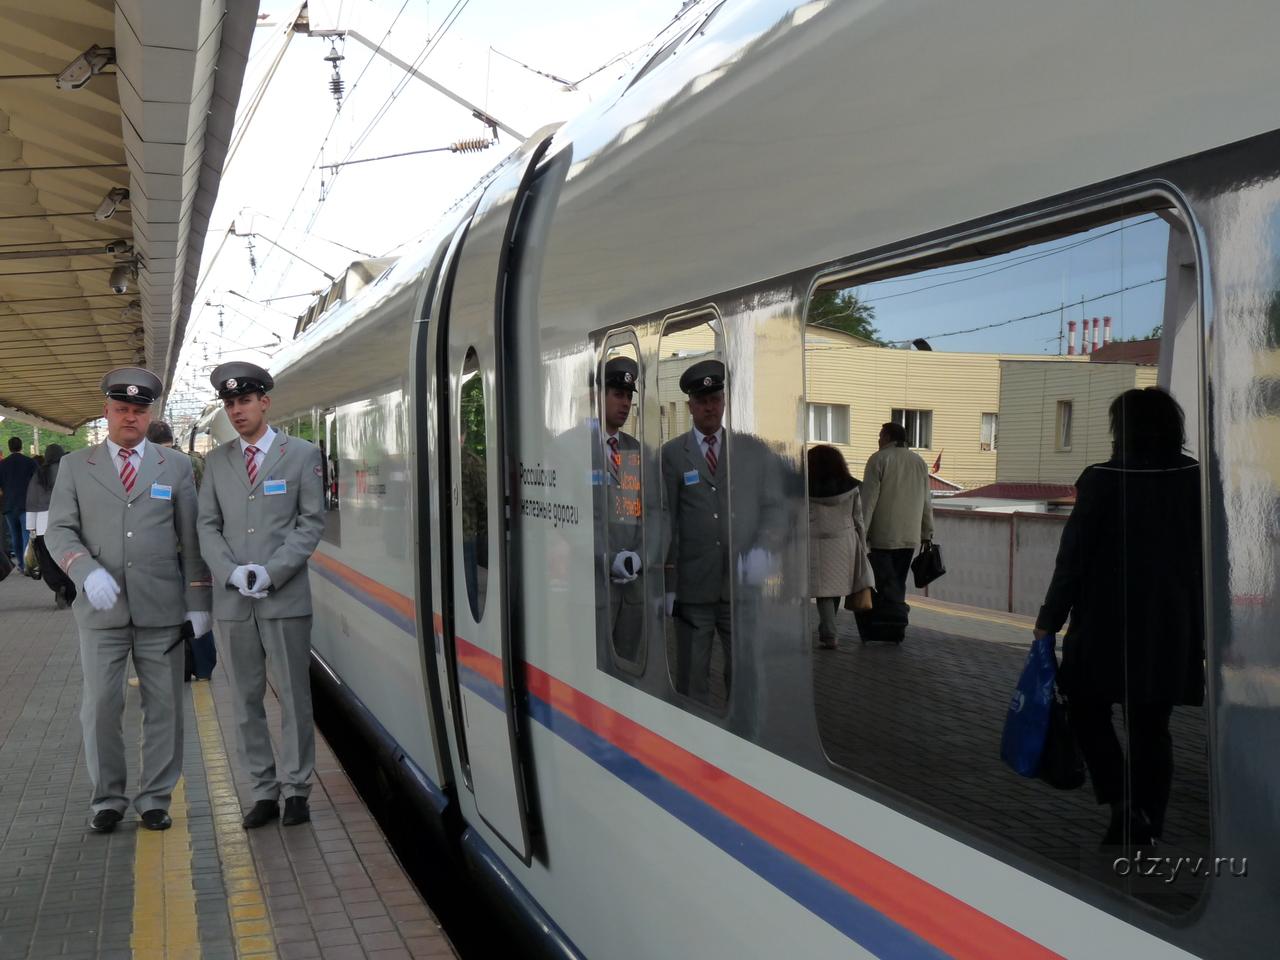 с какого вокзала отчаливает сапсан из москвы в санкт петербург